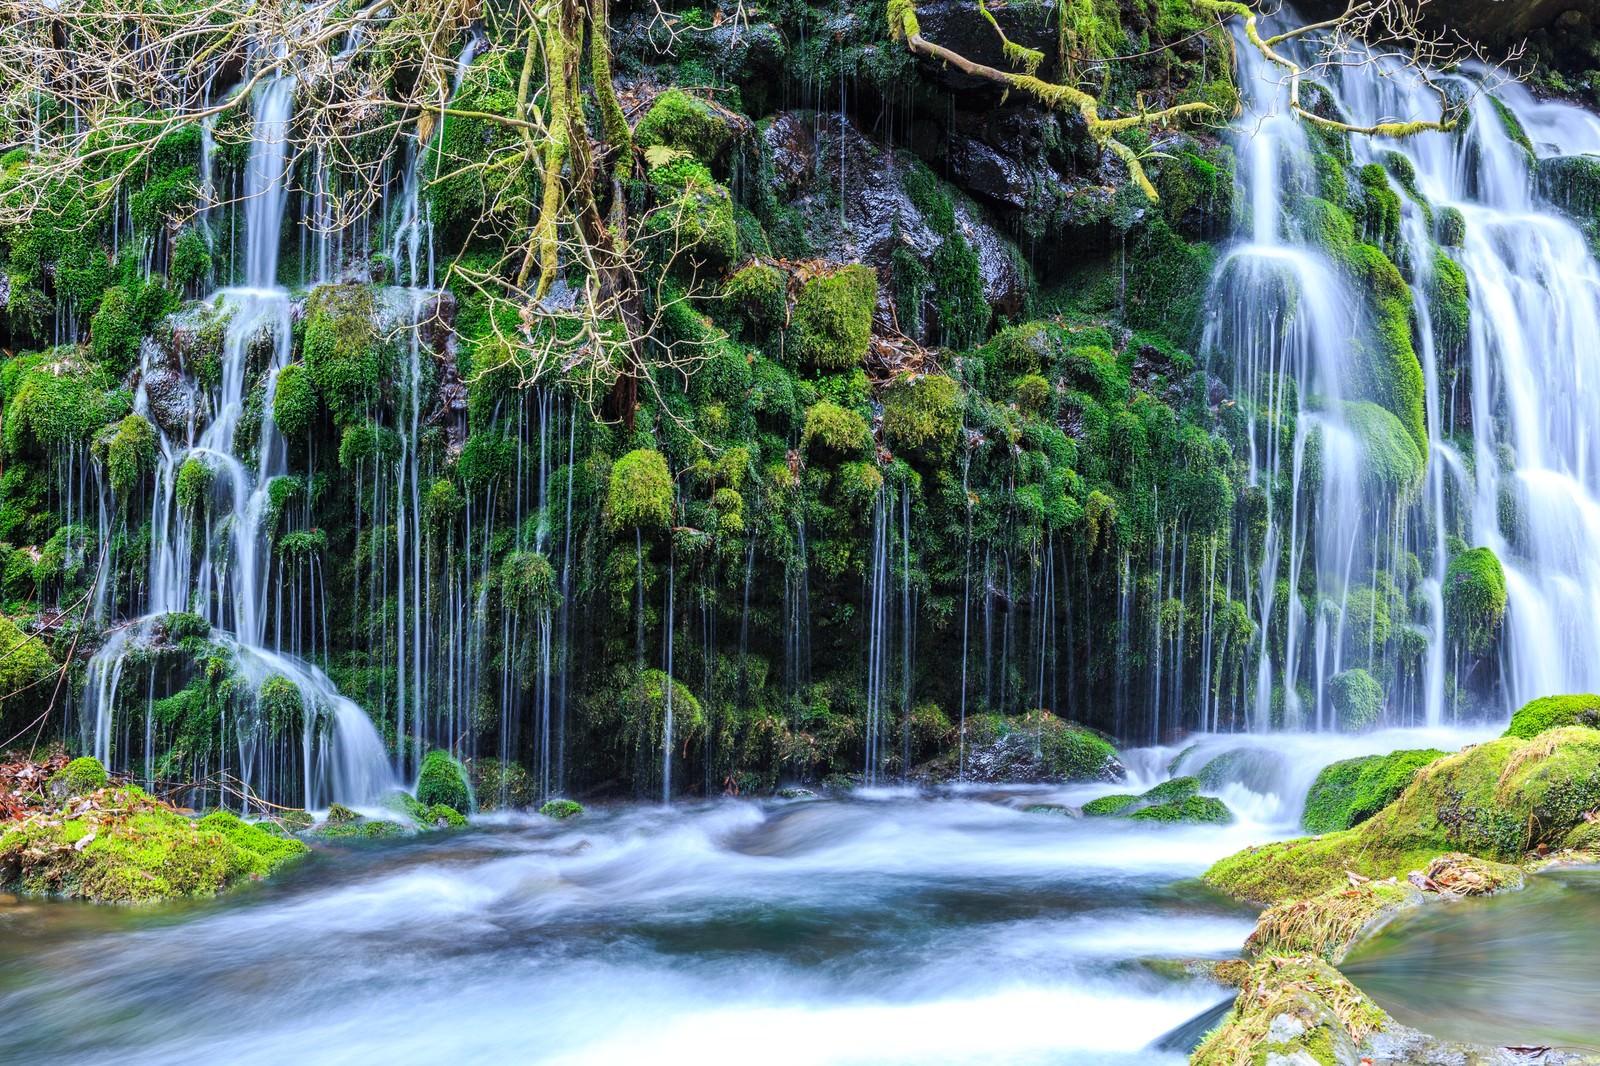 「元滝伏流水元滝伏流水」のフリー写真素材を拡大